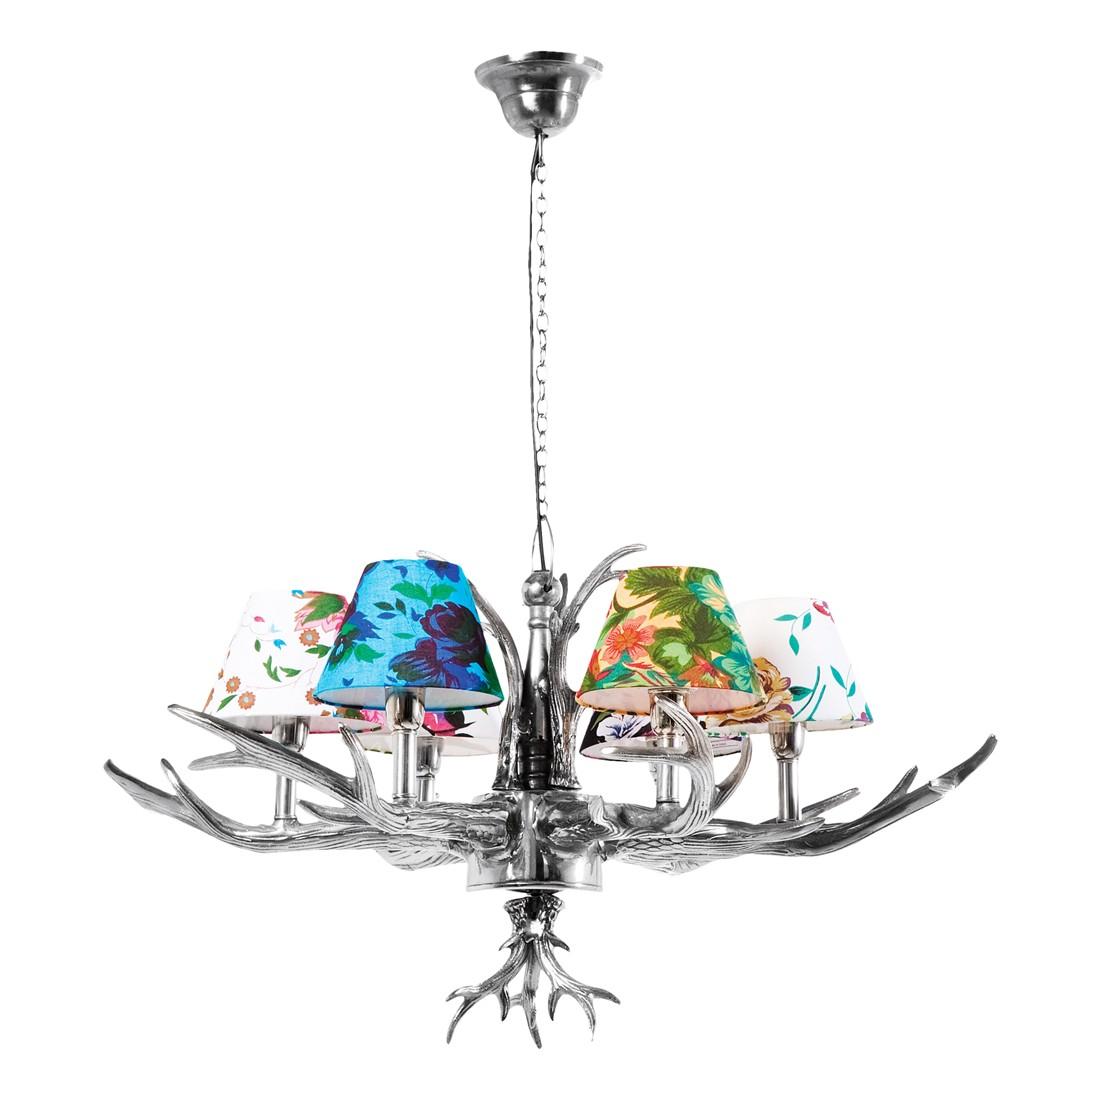 Pendelleuchte HL Antler Flowers 6er ● Metall/Stoff ● 6-flammig- Kare Design A++